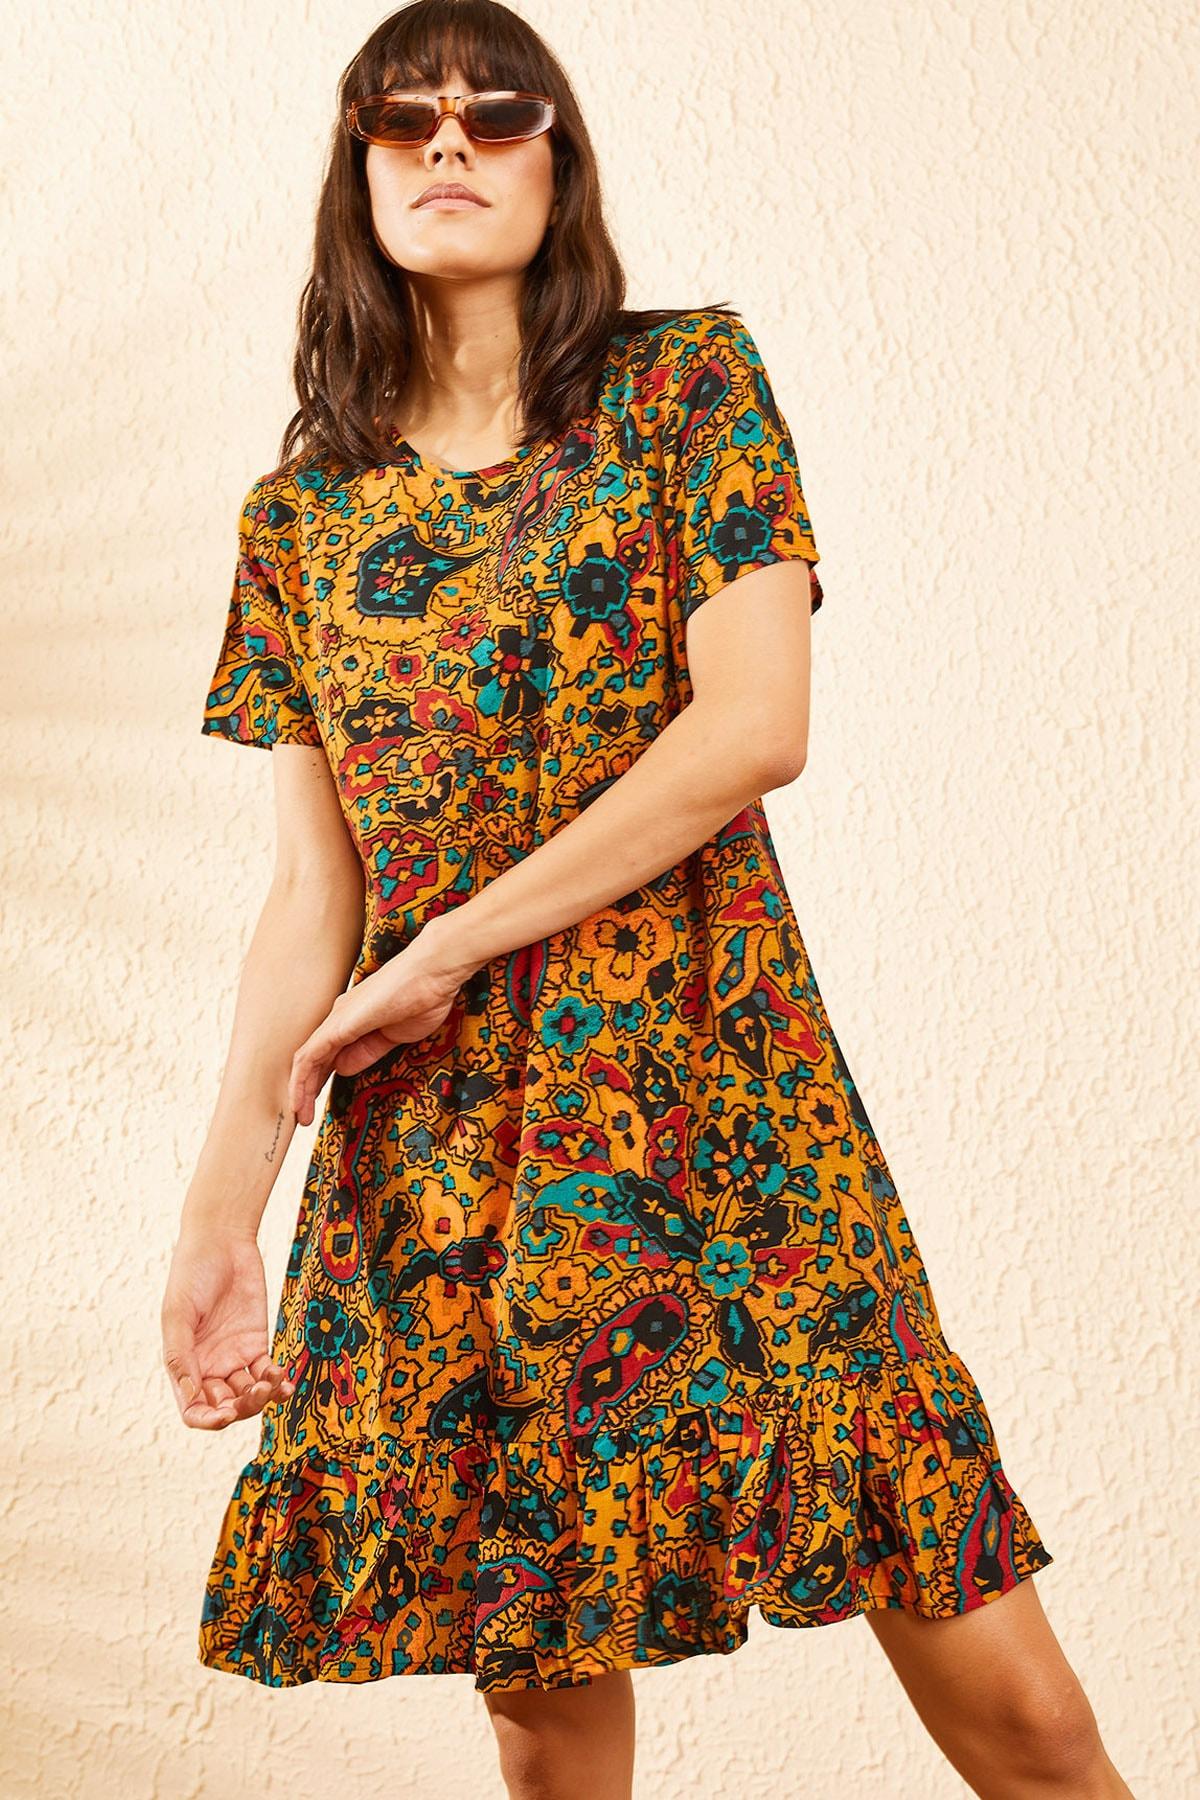 Bianco Lucci Kadın Hardal Kadın Etnik Desen Kısa Kollu Eteği Fırfırlı Elbise 10101017 3